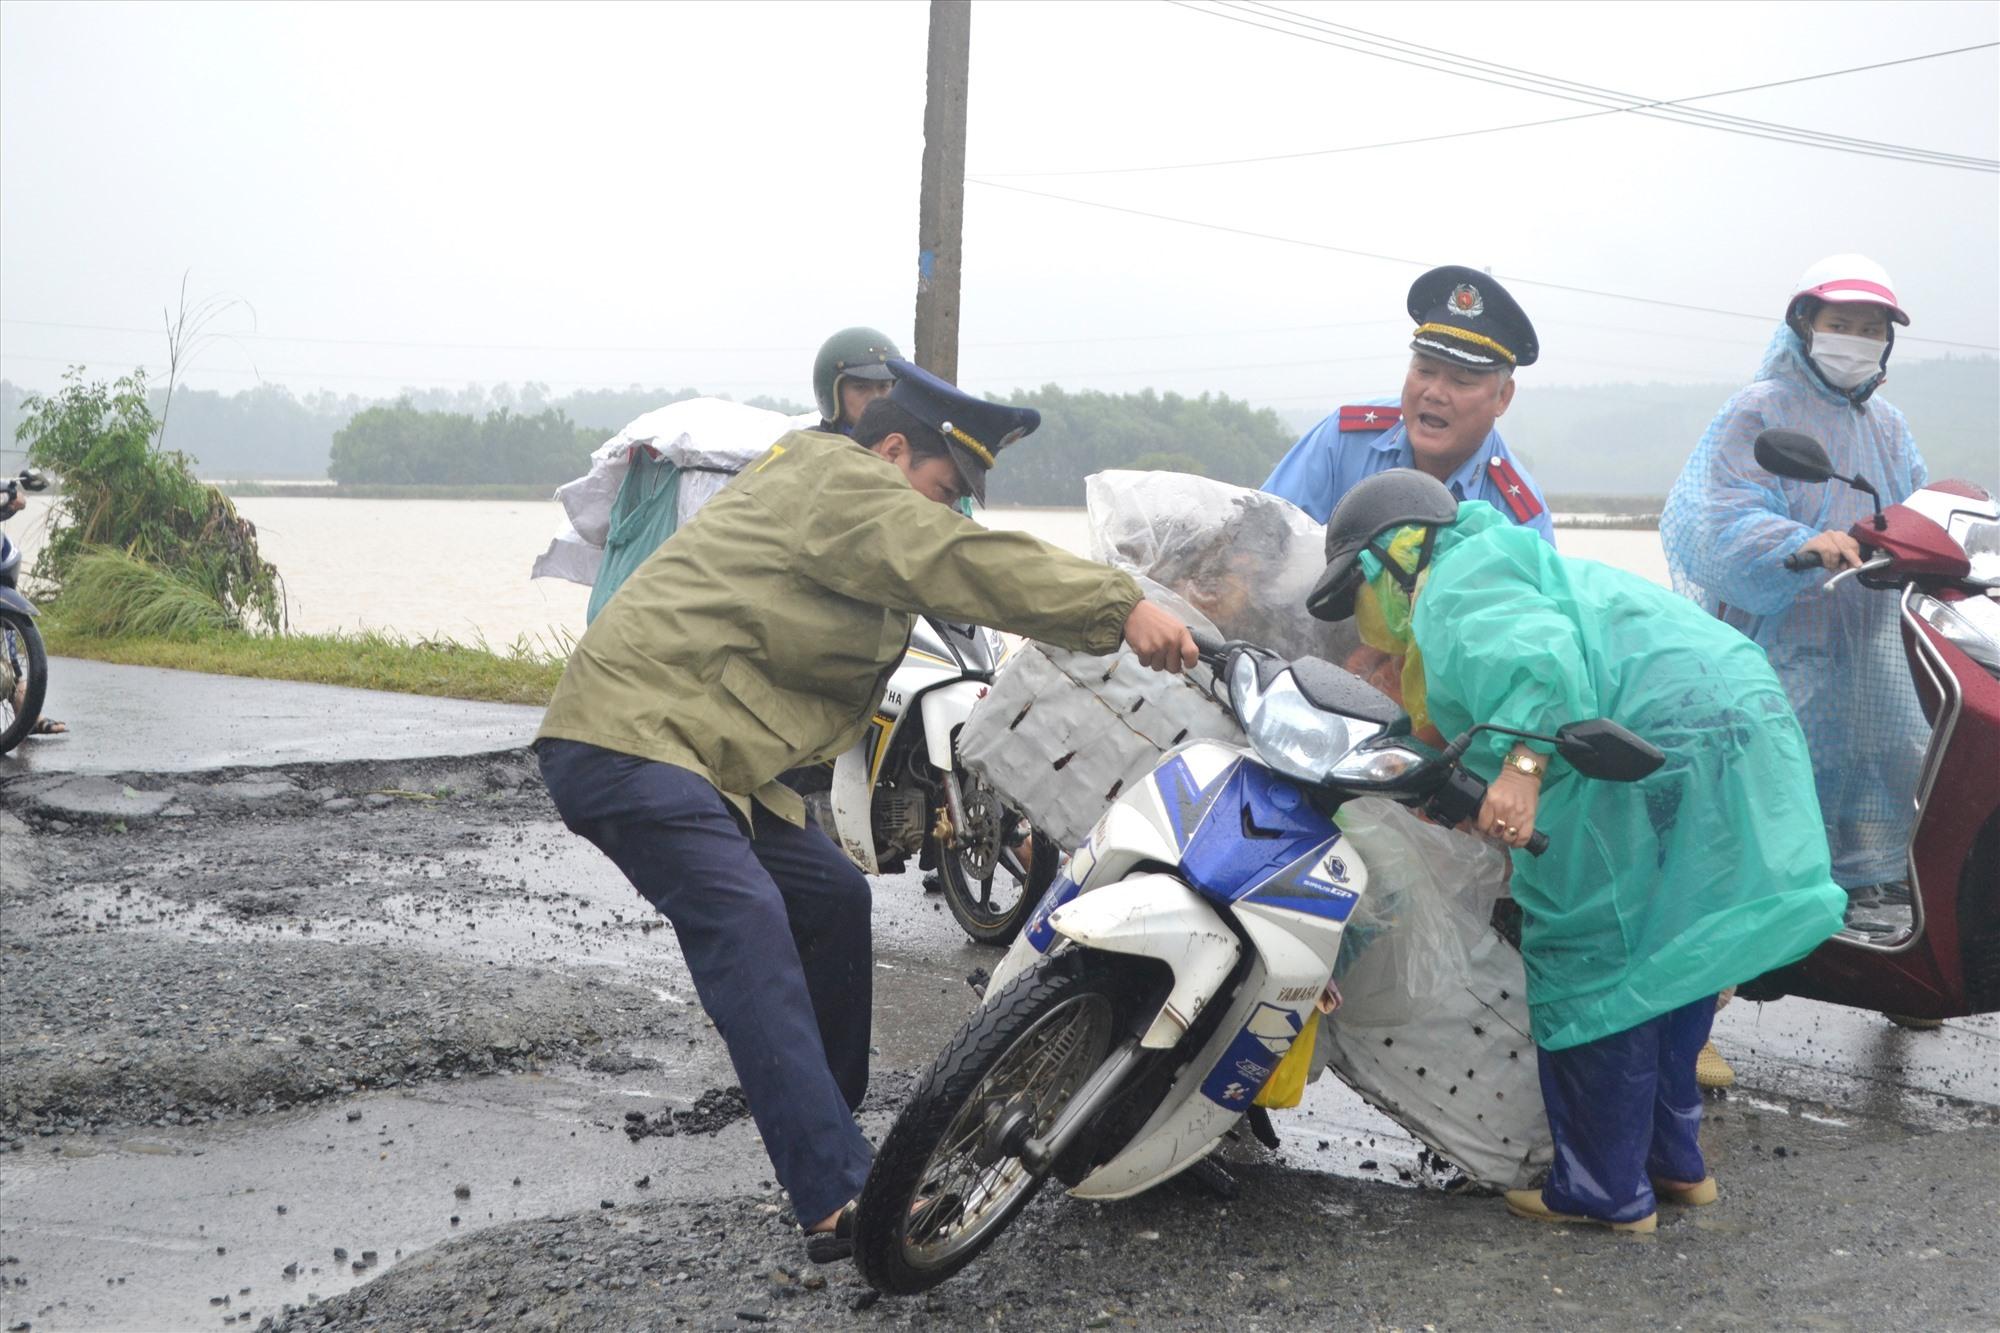 Thanh tra viên Thanh tra Sở GTVT giúp người dân bị té ngã xe phía tây cầu Đại Hiệp. Ảnh: CT